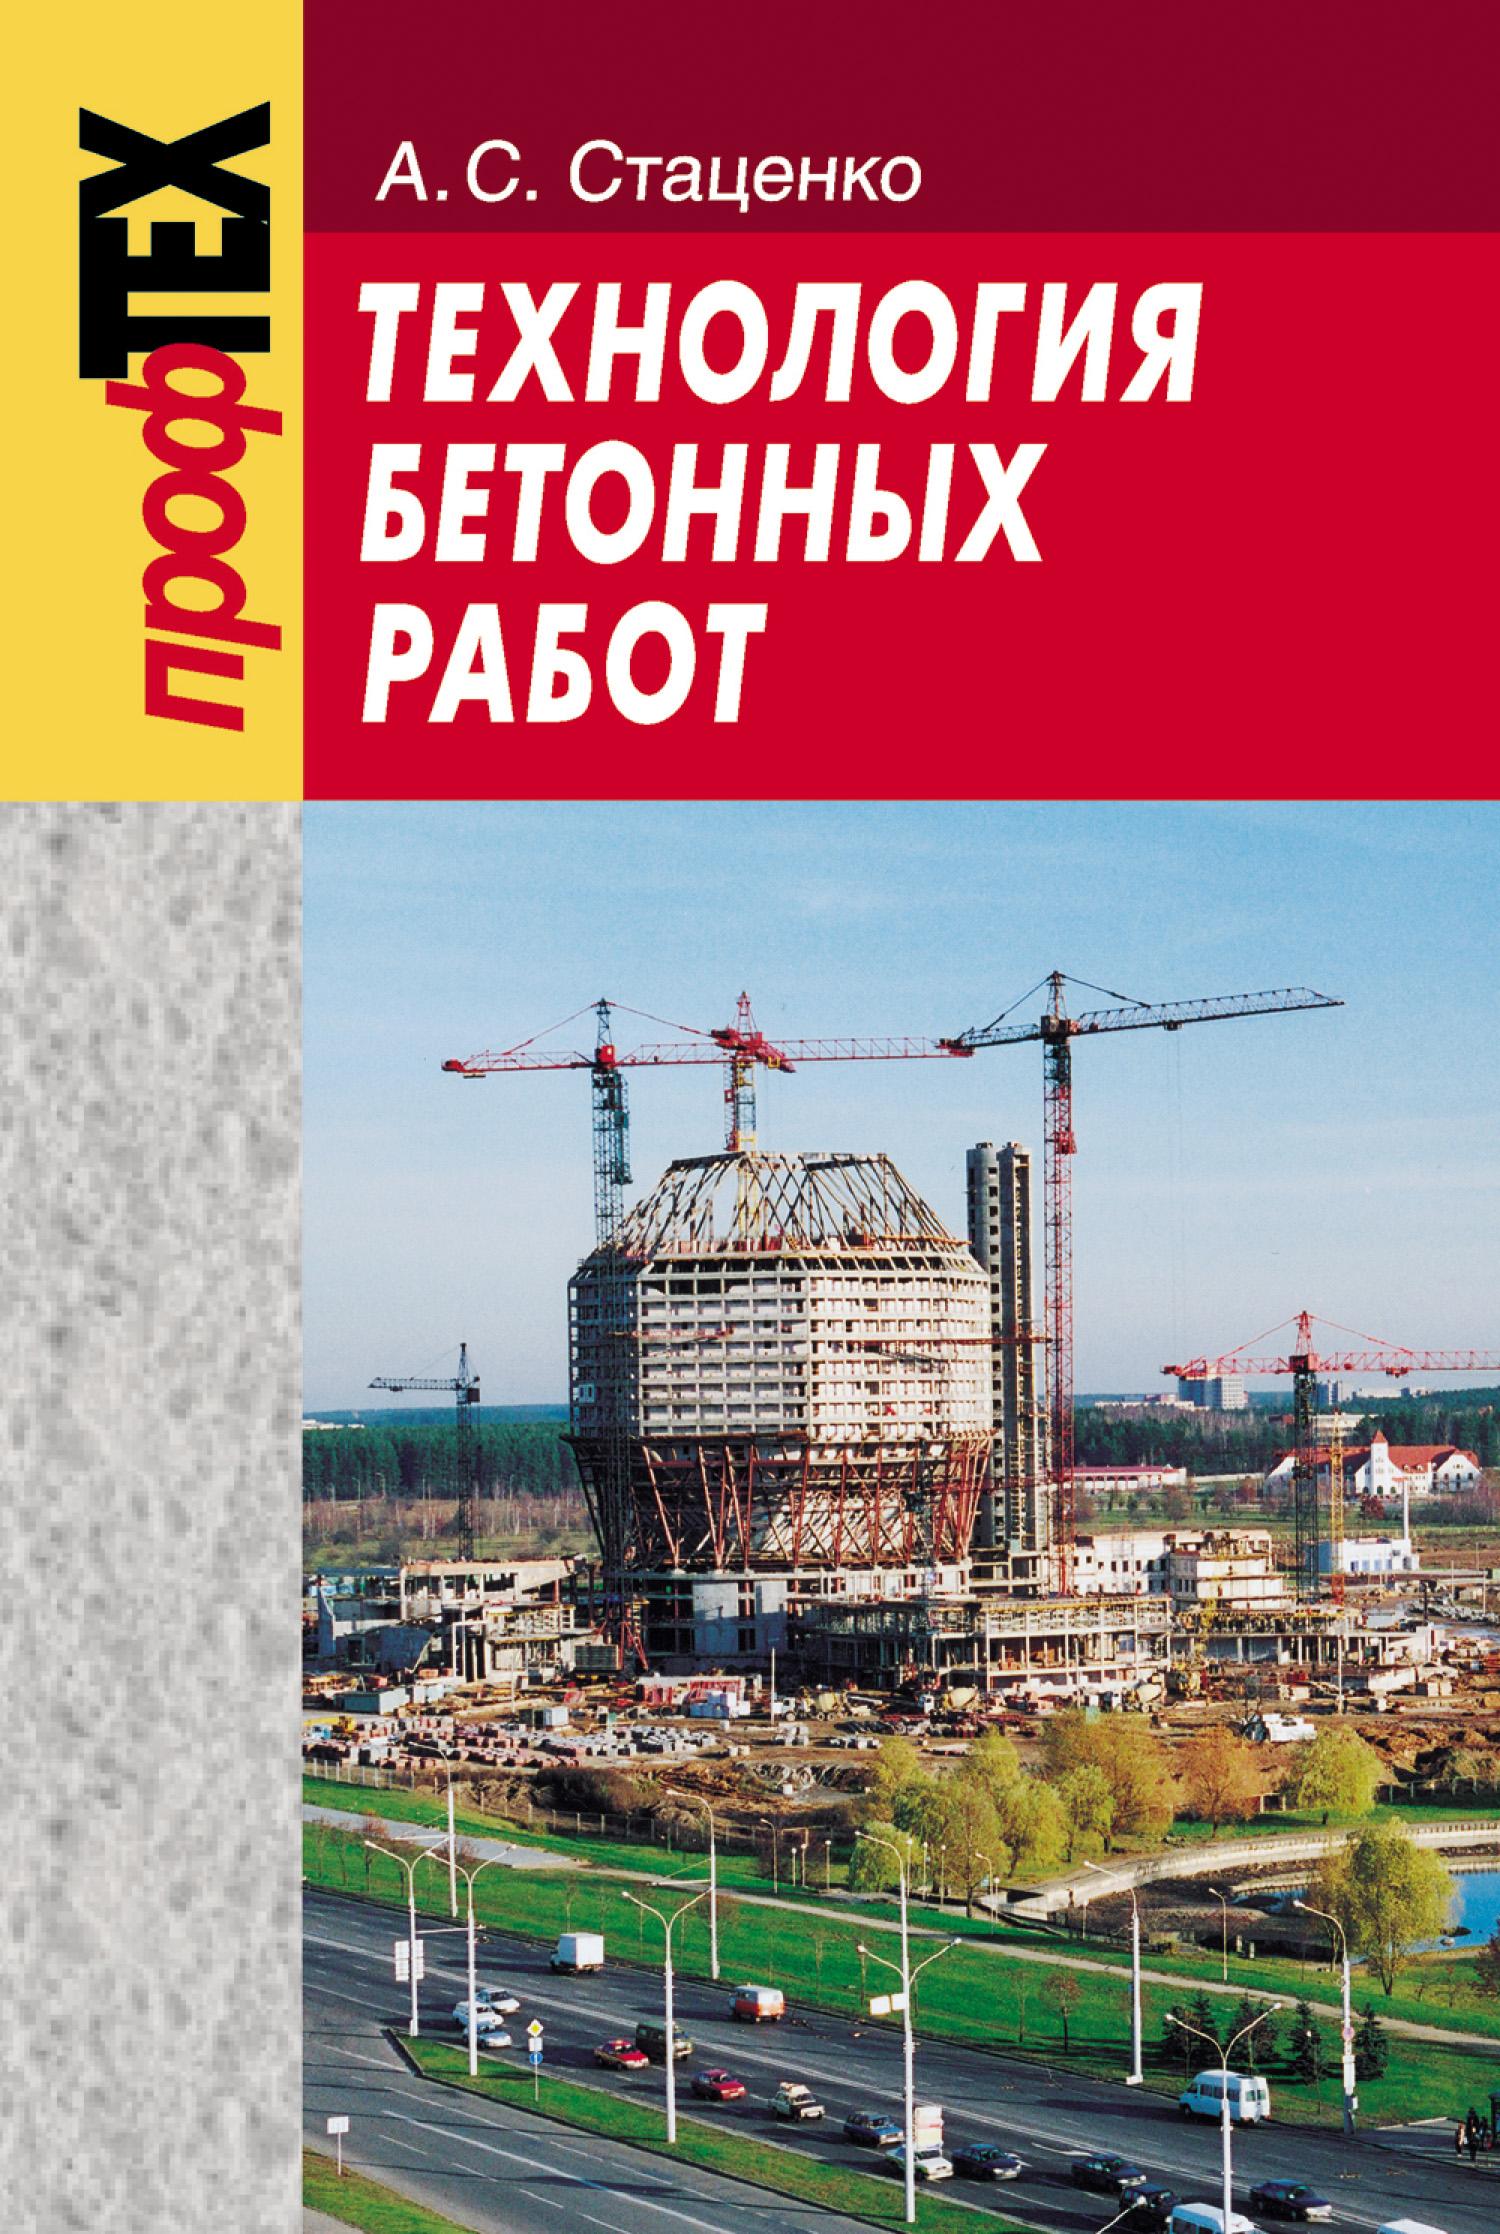 а c стаценко технология бетонных работ А. C. Стаценко Технология бетонных работ